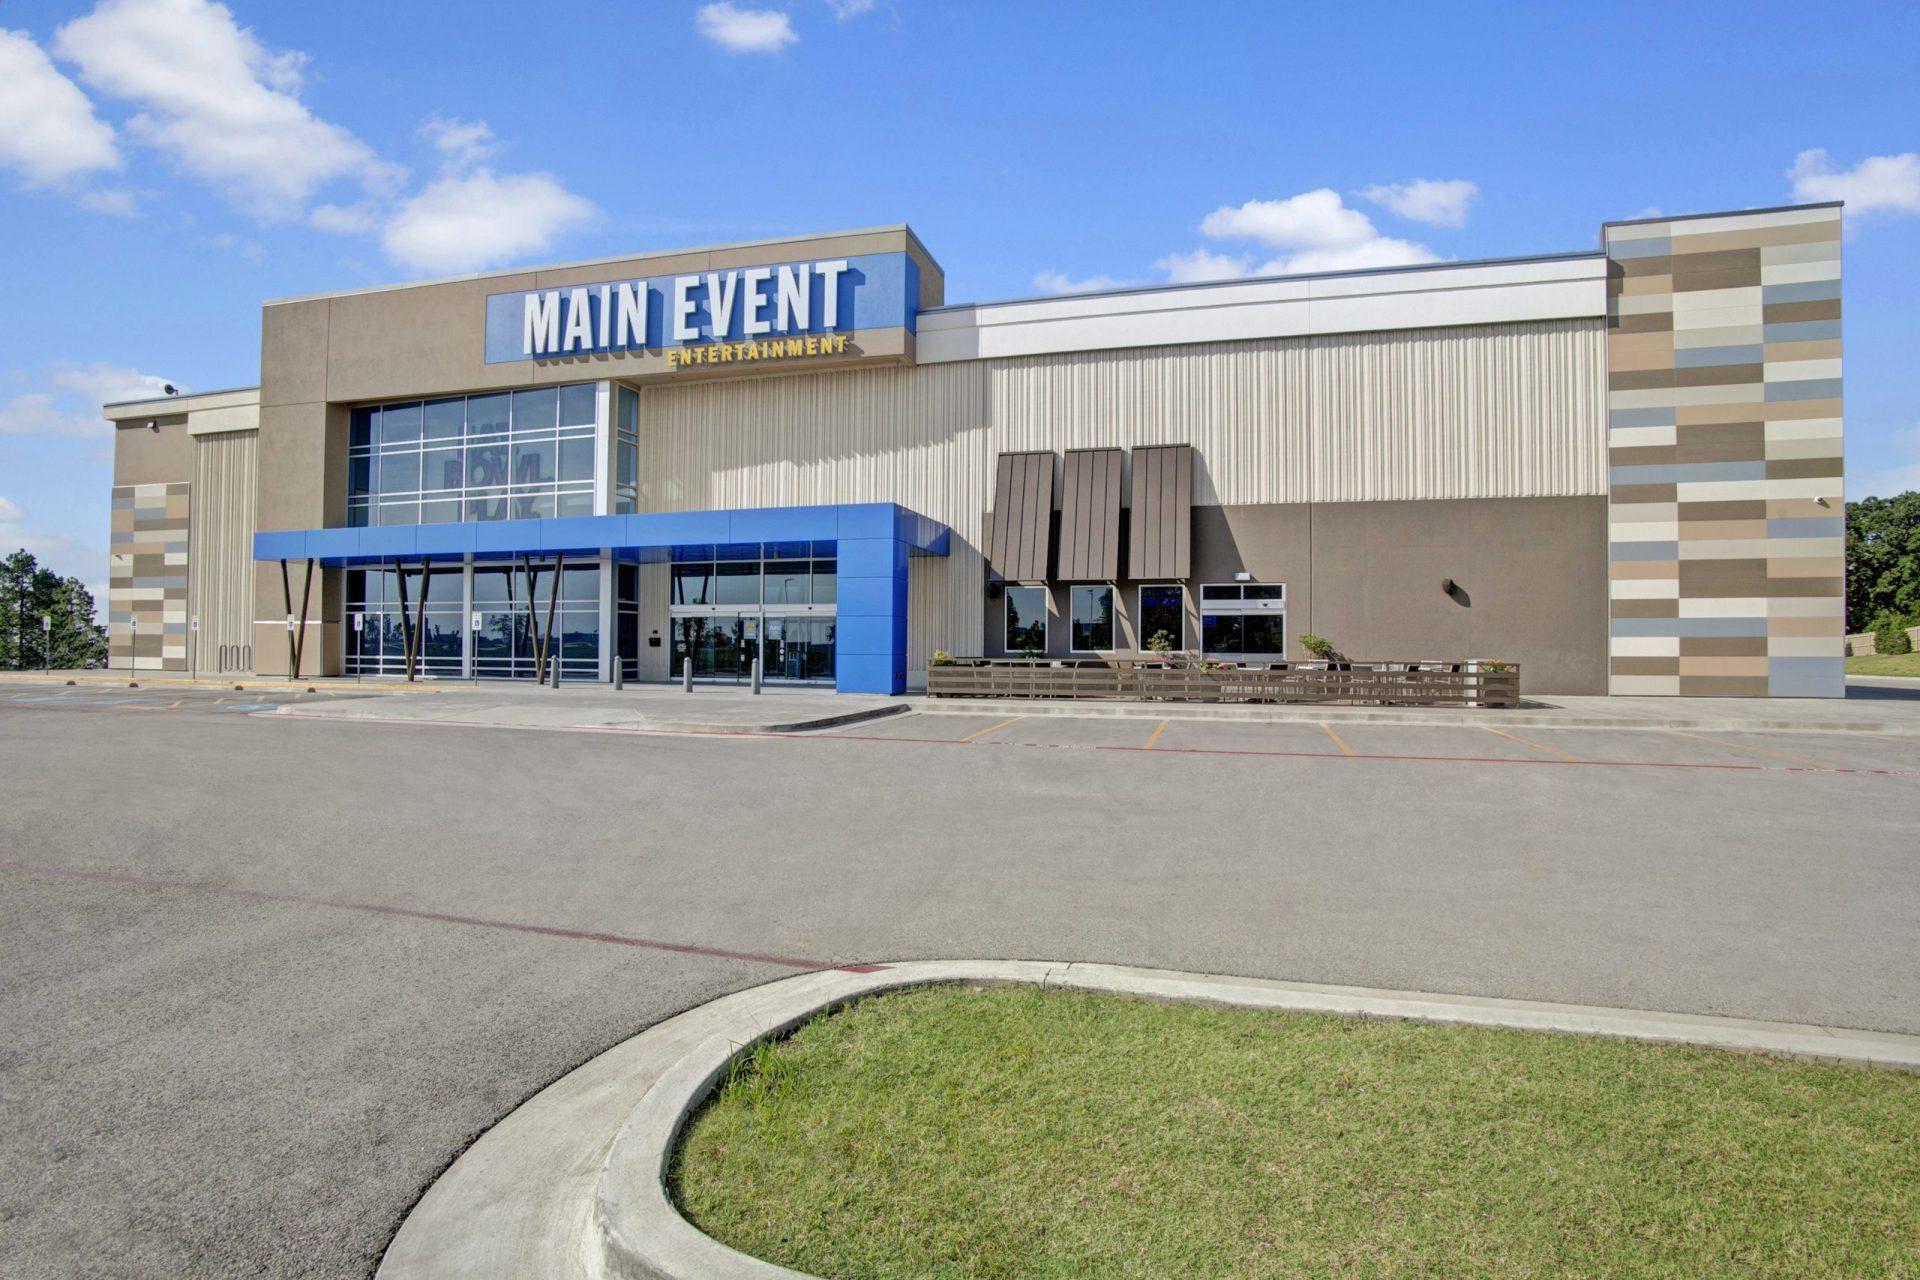 Main Event Headquarters